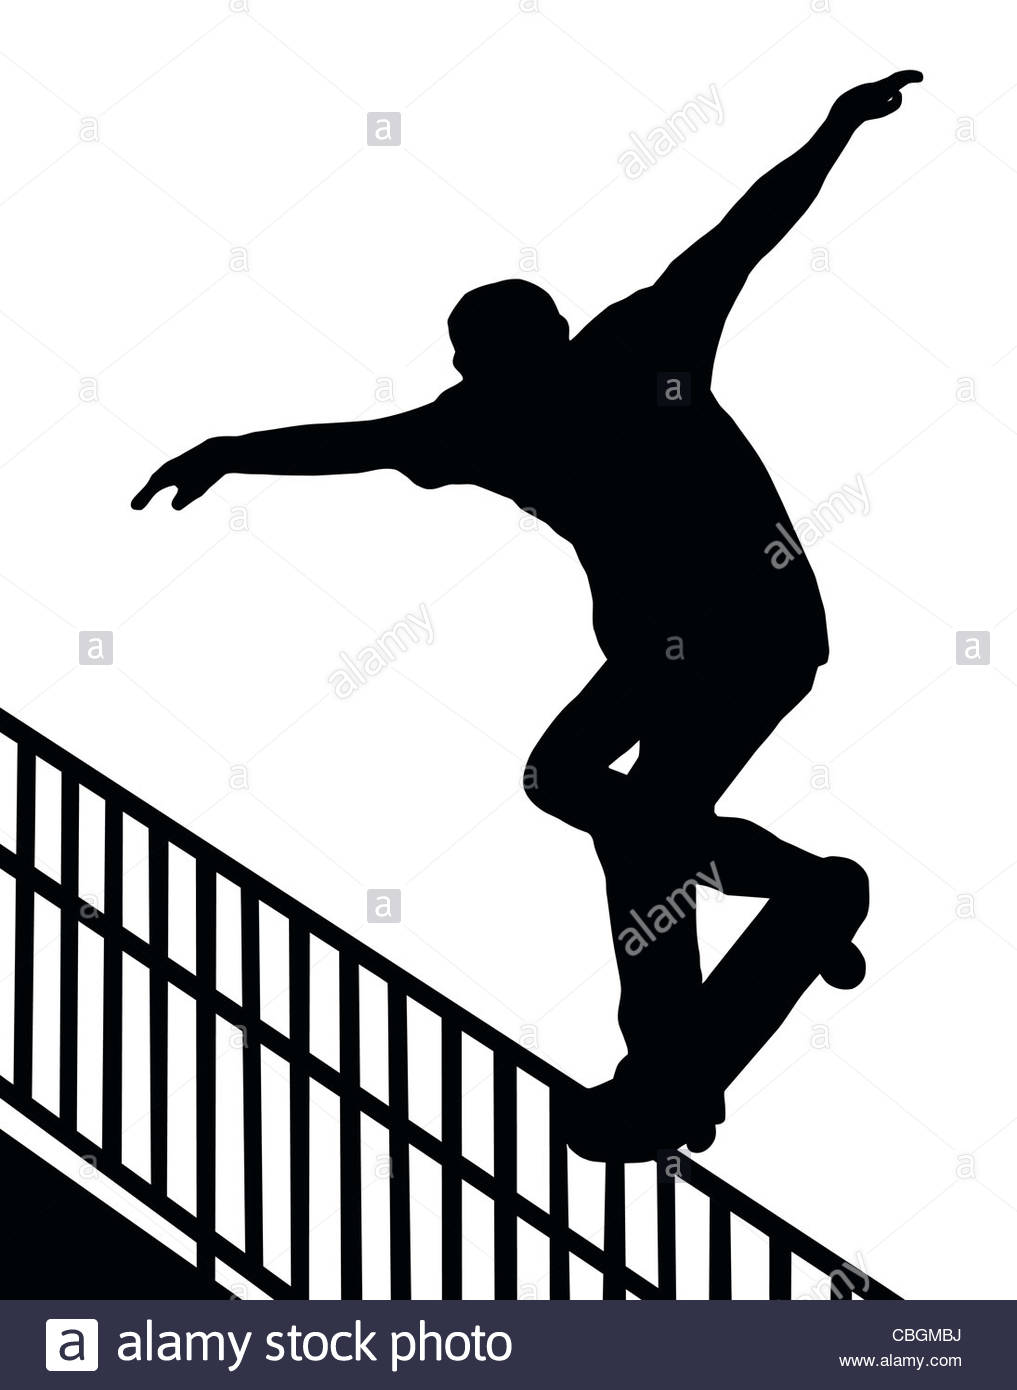 1017x1390 Skateboarding Skater Do Nosegrind Rail Slide With Board Silhouette